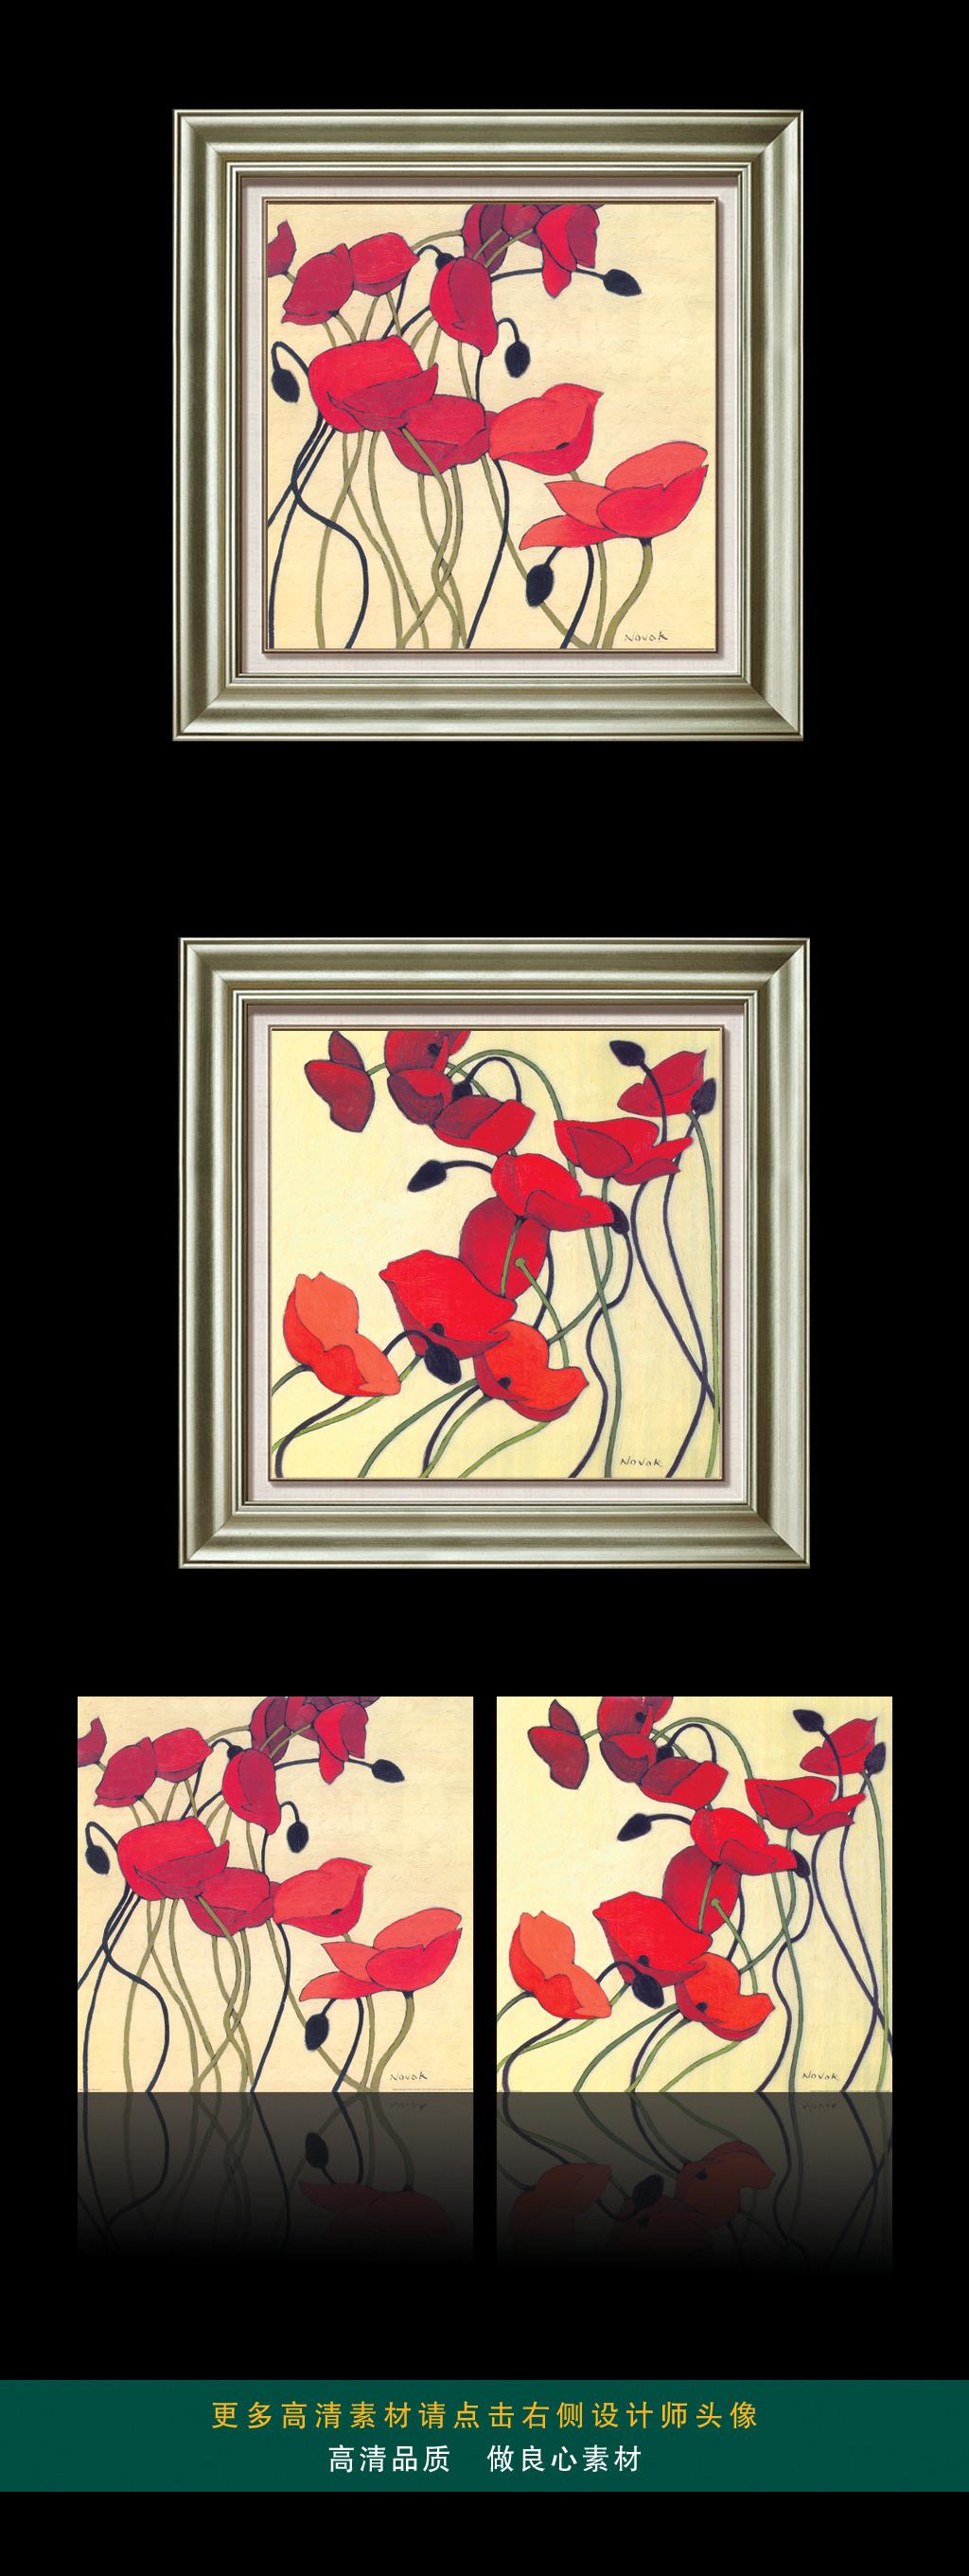 我图网提供精品流行红色罂粟复古装饰画素材下载,作品模板源文件可以编辑替换,设计作品简介: 红色罂粟复古装饰画 位图, CMYK格式高清大图,使用软件为 Photoshop CS(.tif不分层) 高清画芯素材源文件 红色植物花卉